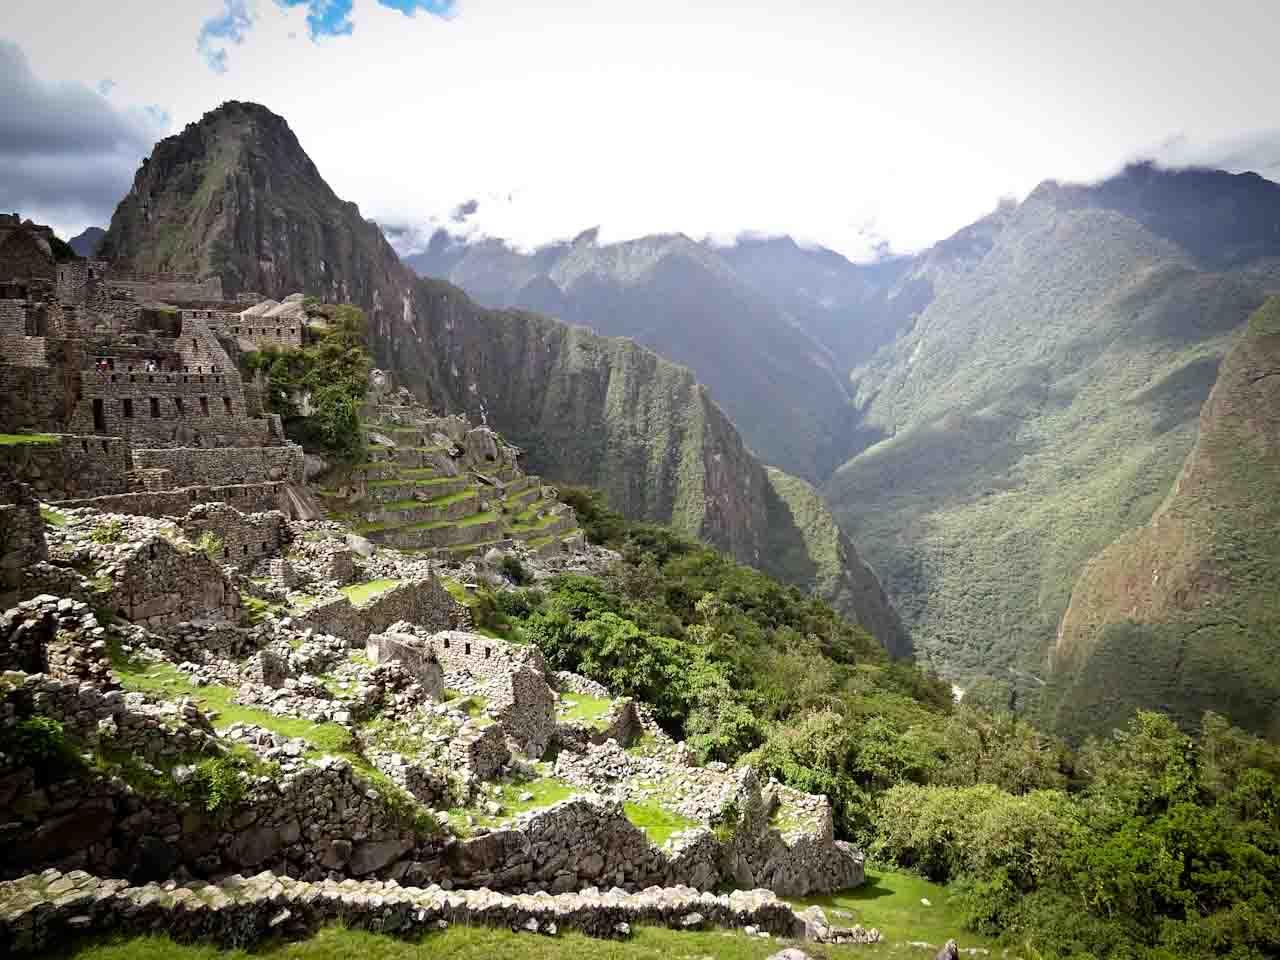 Machu Picchu and Huayna Picchu